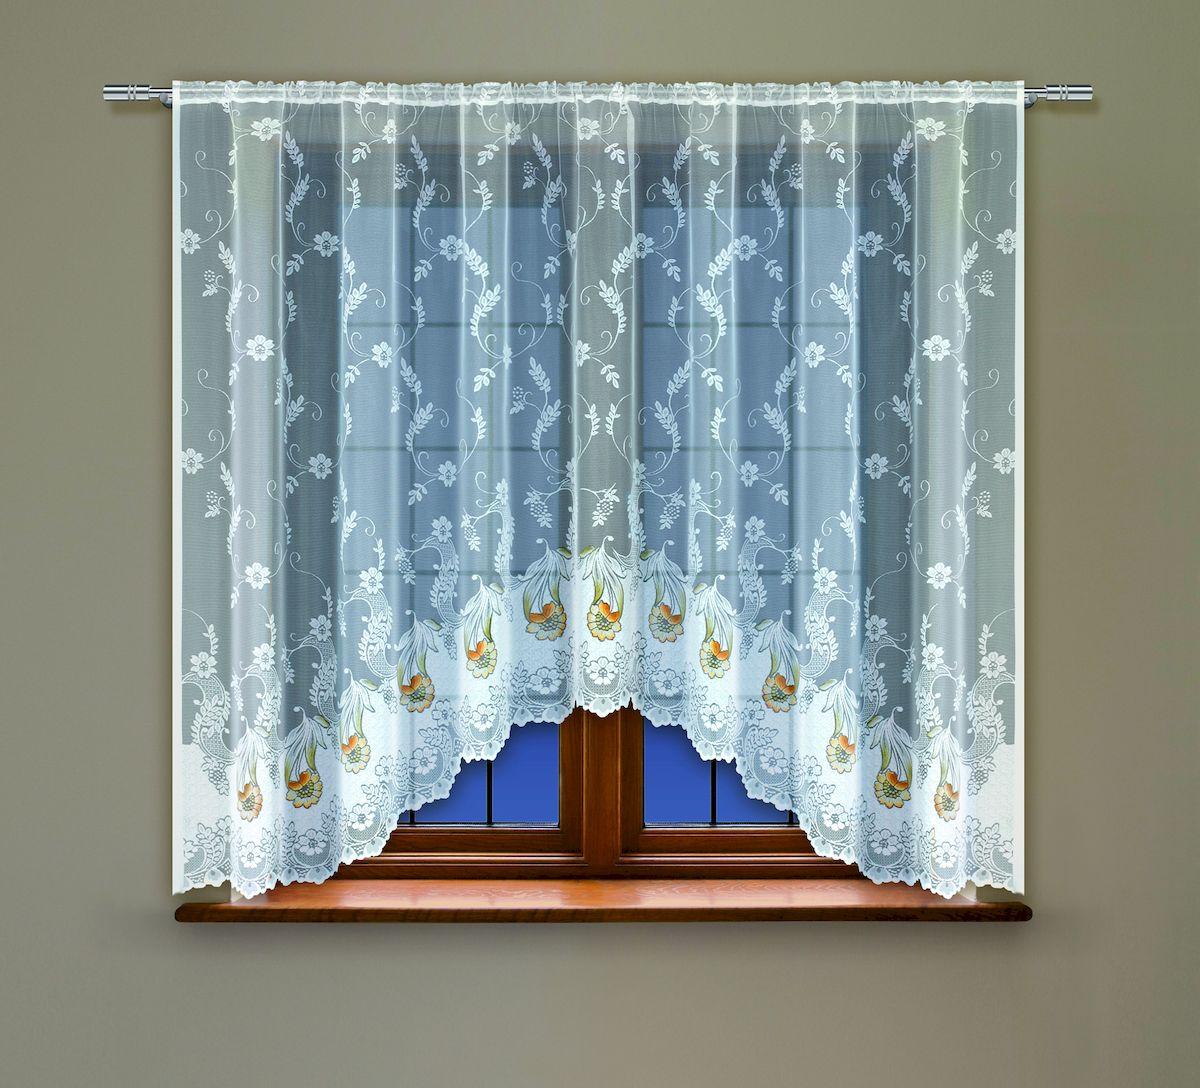 Гардина Haft, на кулиске, цвет: белый, высота 137 см. 208501208501/137Воздушная гардина Haft, выполненная из полиэстера, великолепно украсит любое окно. Изделие имеет оригинальный дизайн и органично впишется в интерьер помещения. Гардина крепится на карниз при помощи кулиски.